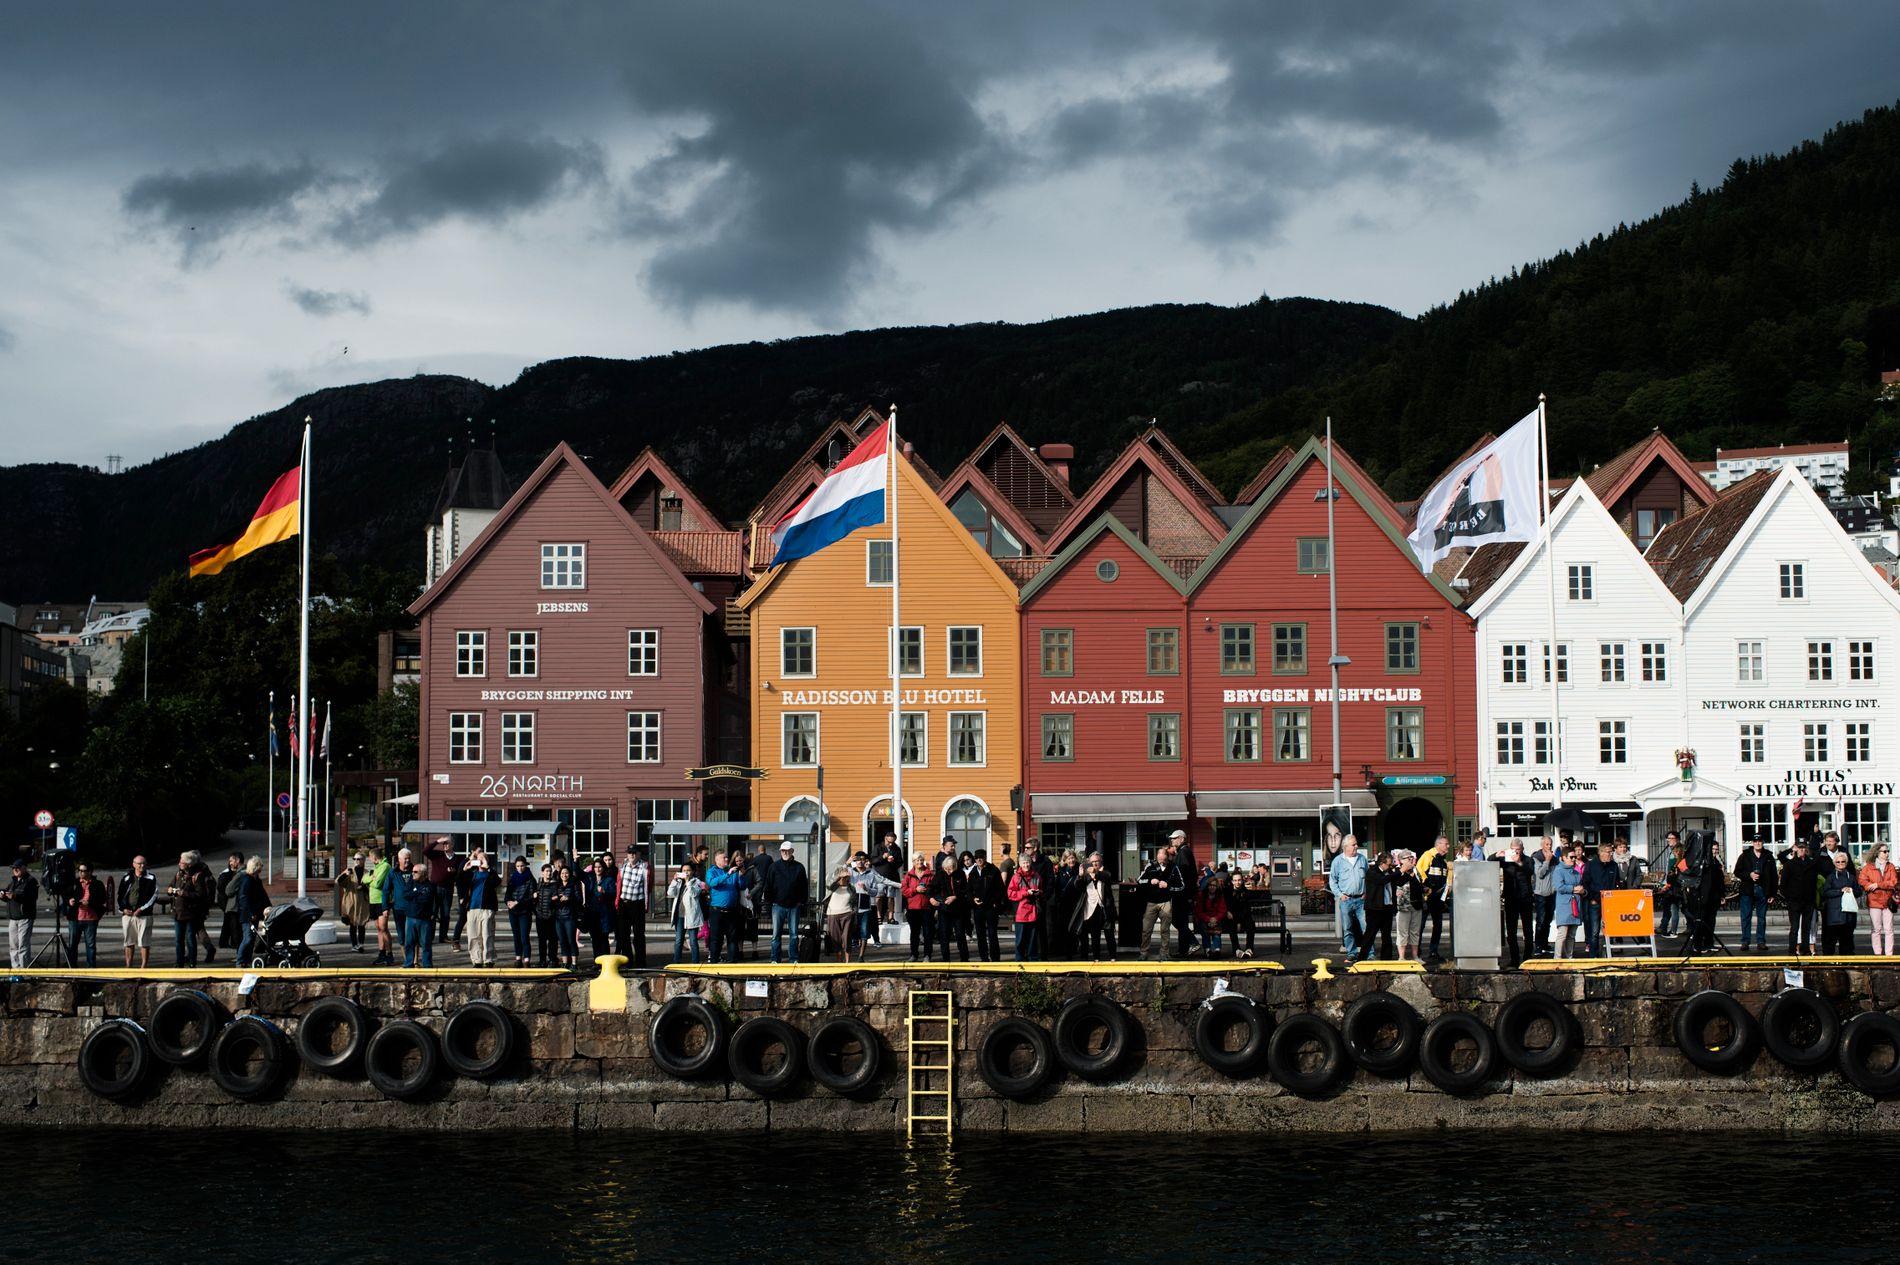 MER SOM ANDRE BYER: Følelsen av at Bergen har mistet sitt særpreg, har kommet gradvis, skriver eksilbergenser Knut Aarbakke.